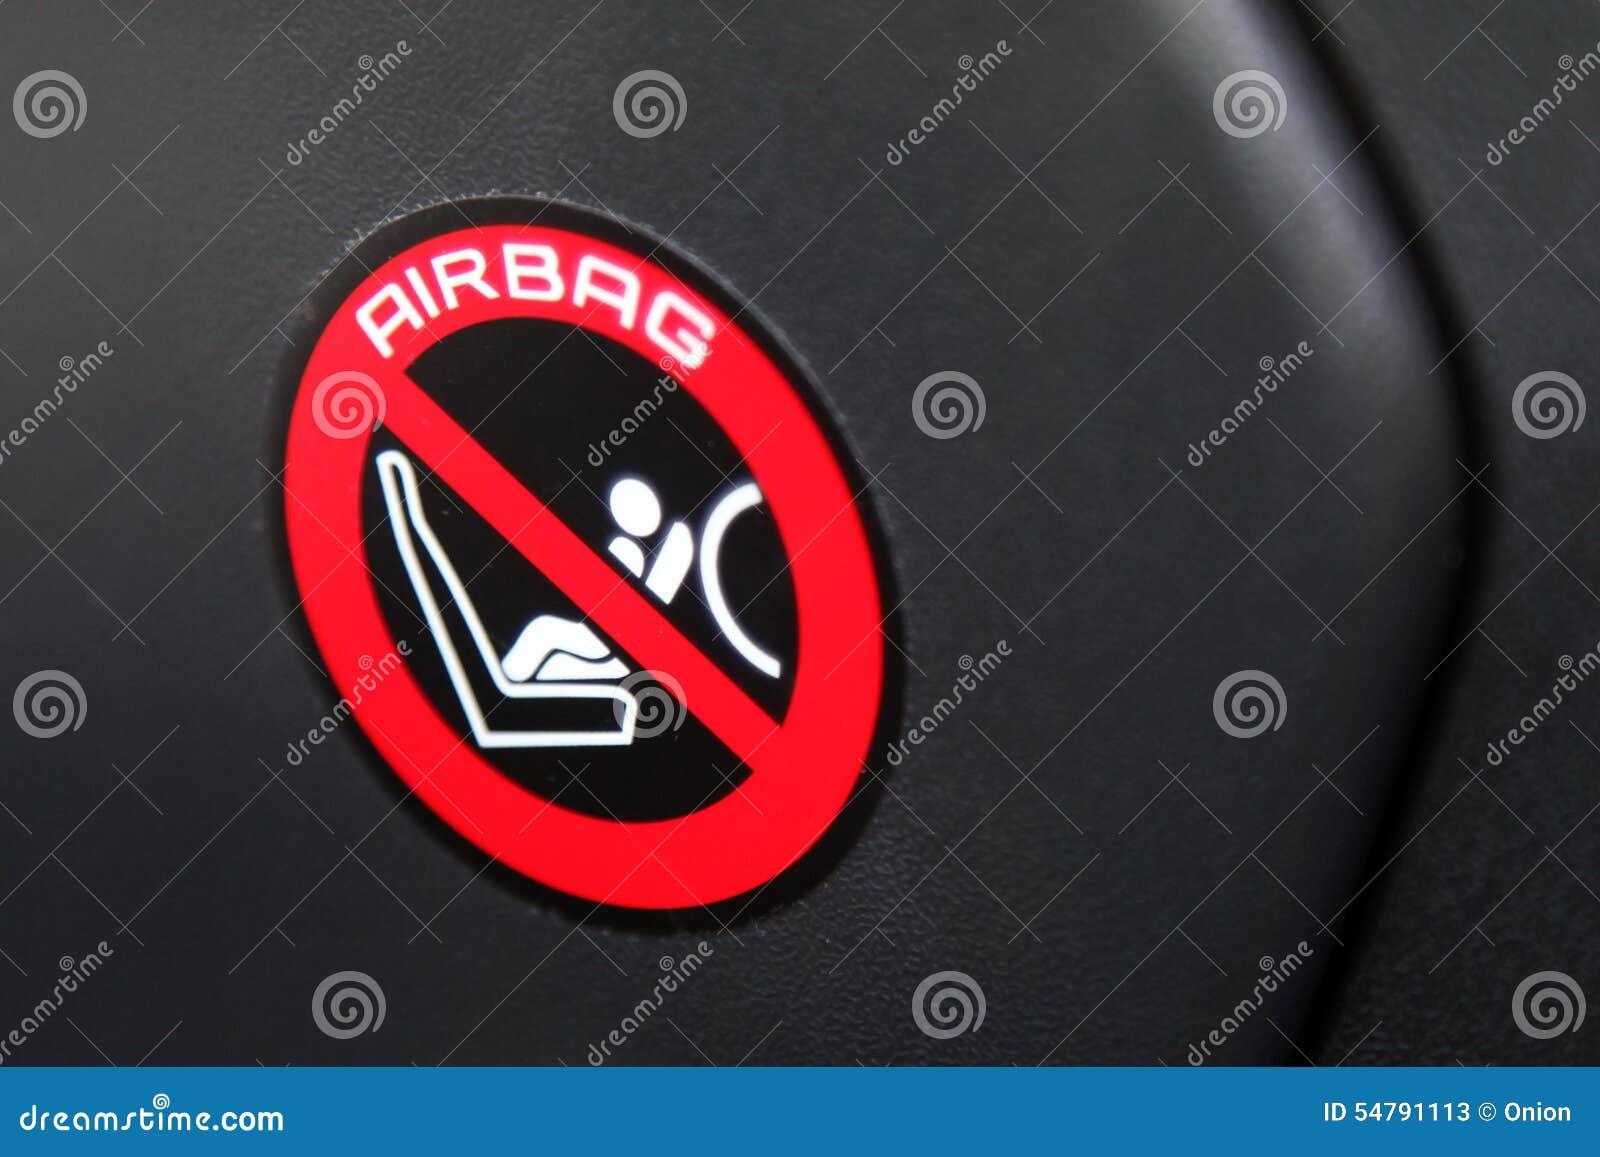 Airbag sticker